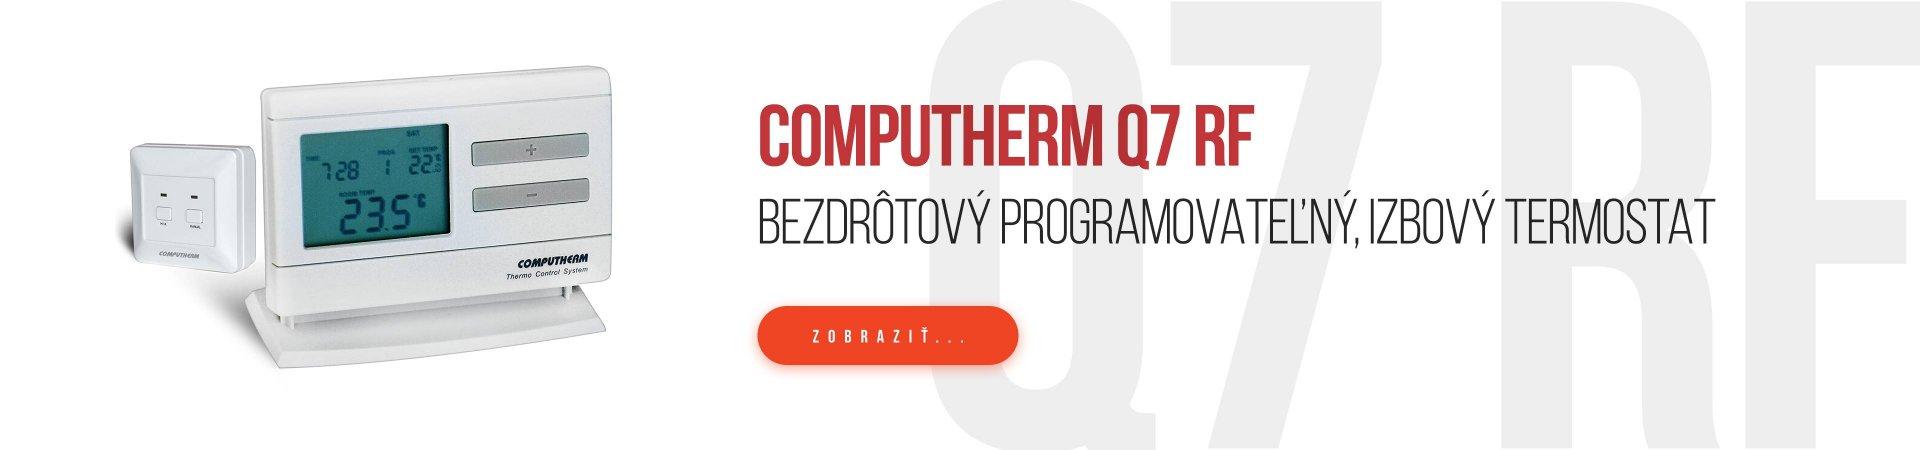 http://www.termostatshop.sk/bezdrotovy-programovatelny-izbovy-termostat